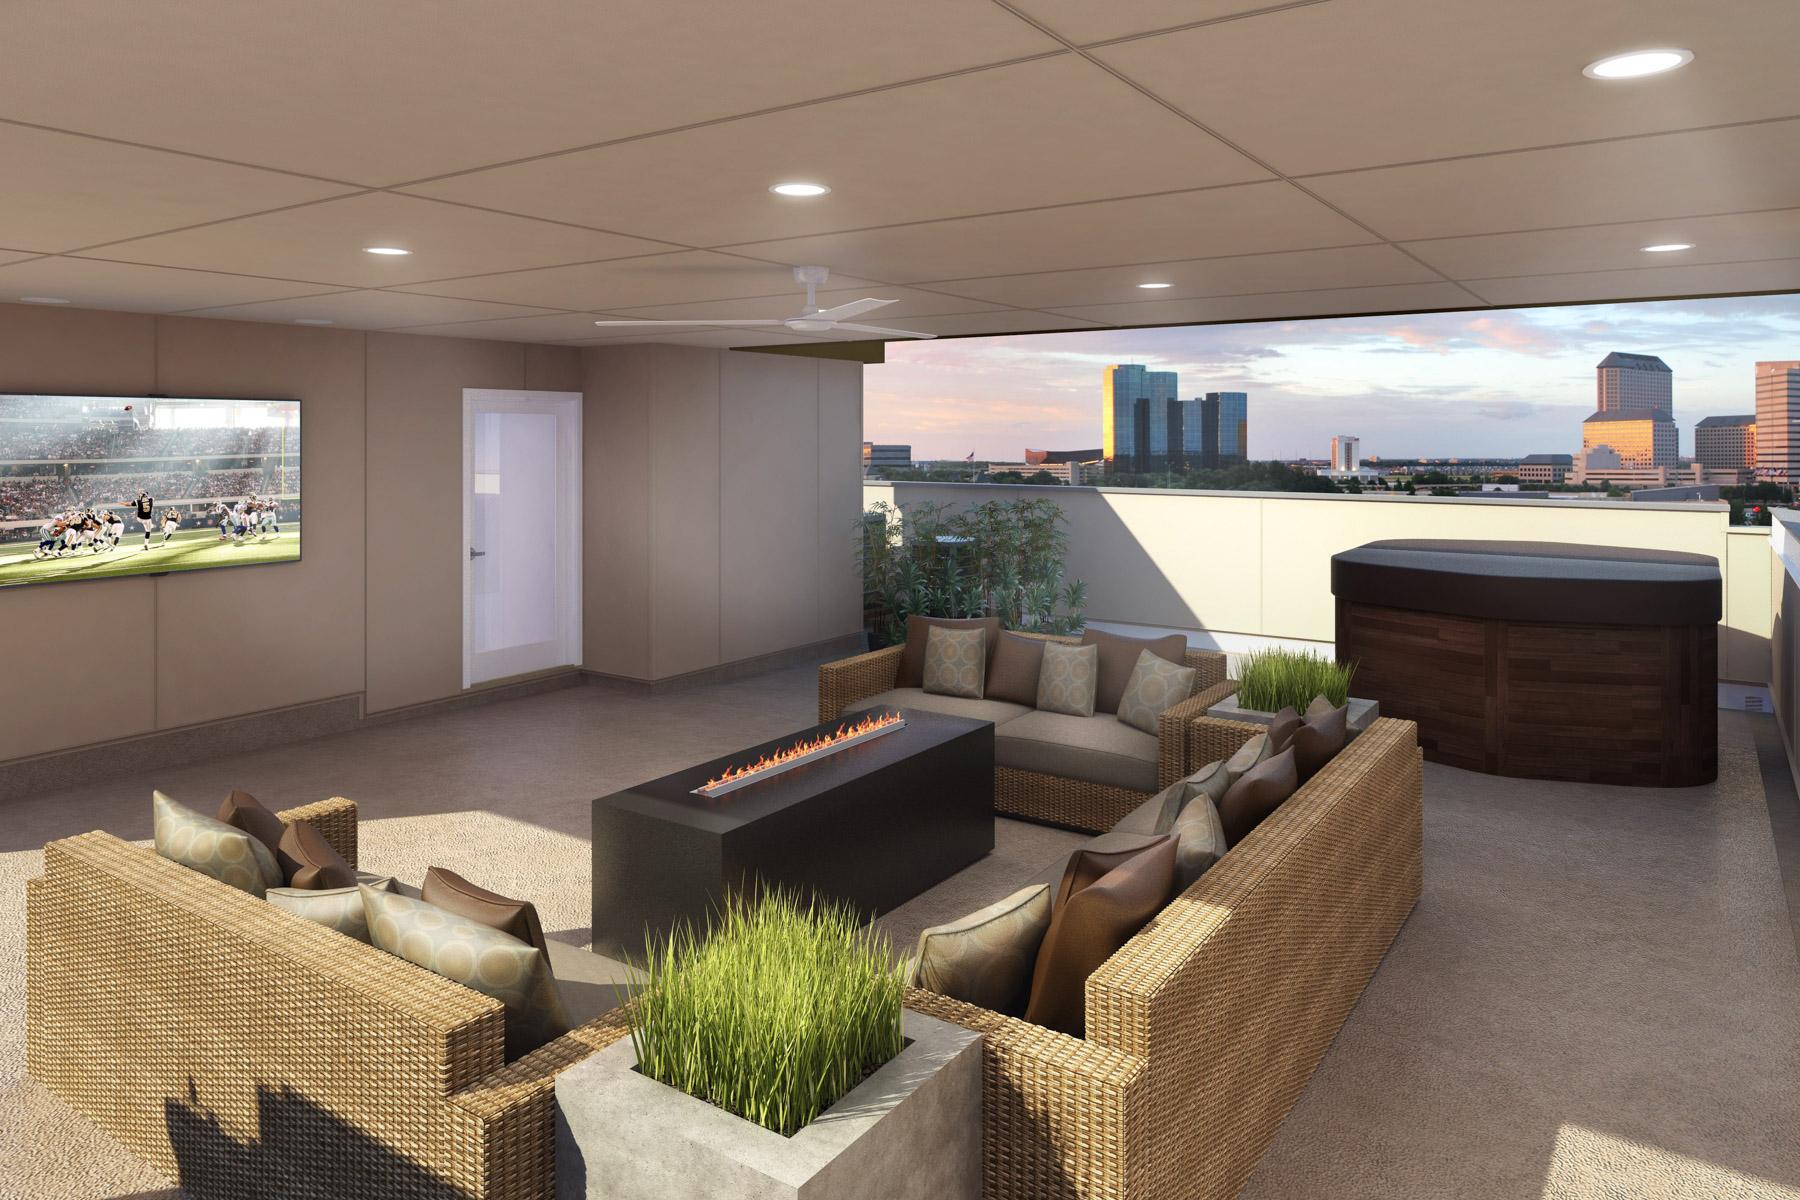 واحد منزل الأسرة للـ Sale في 3 Story Condo with Rooftop Deck 101 Decker Court 601 Irving, Texas, 75062 United States